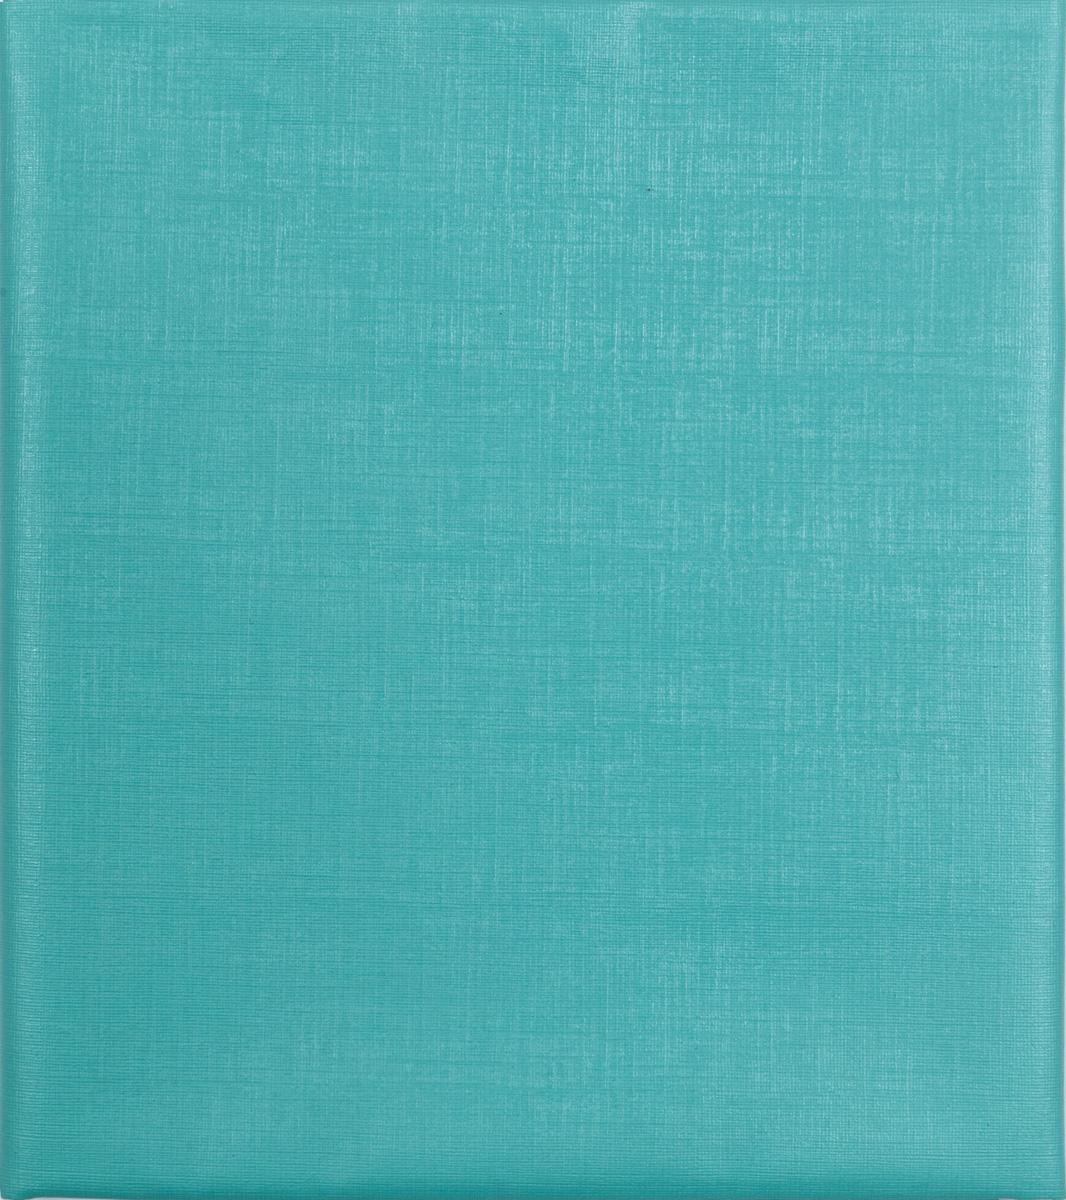 Колорит Клеенка подкладная без окантовки цвет бледно-зеленый 50 х 70 см0052_зеленыйКлеенка подкладная с ПВХ покрытием Колорит предназначена для санитарно-гигиенических целей в качестве подкладного материала в медицинской практике и в домашних условиях. ПВХ покрытие влагонепроницаемо и обладает эффектом теплоотдачи, что исключает эффект холодного прикосновения. Микропористая структура поливинилхлоридного покрытия способствует профилактике пролежней и трофических проявлений.